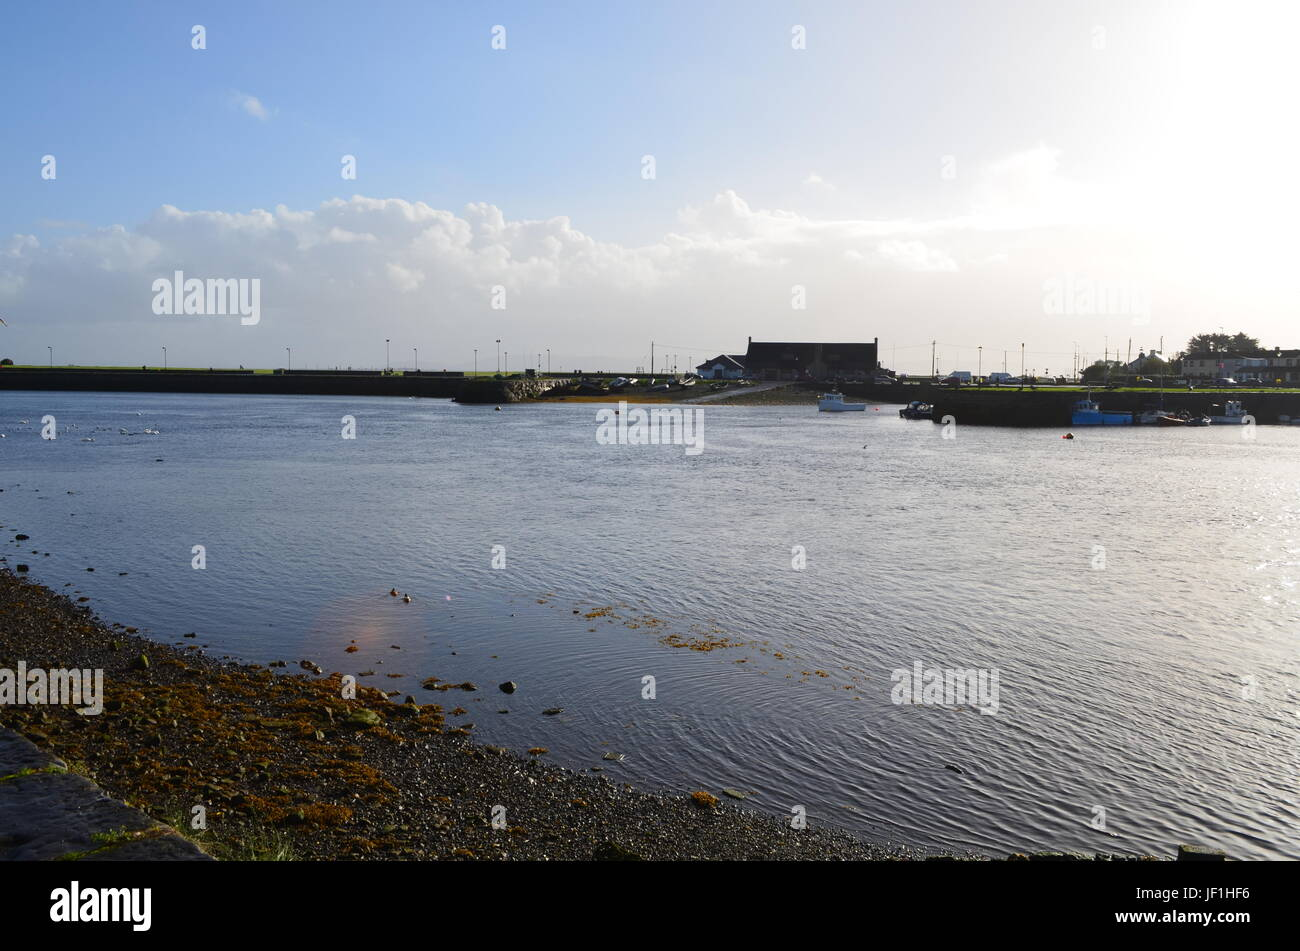 Margins of River Corrib in Galway, Ireland Margins of River Corrib in Galway, Ireland - Stock Image